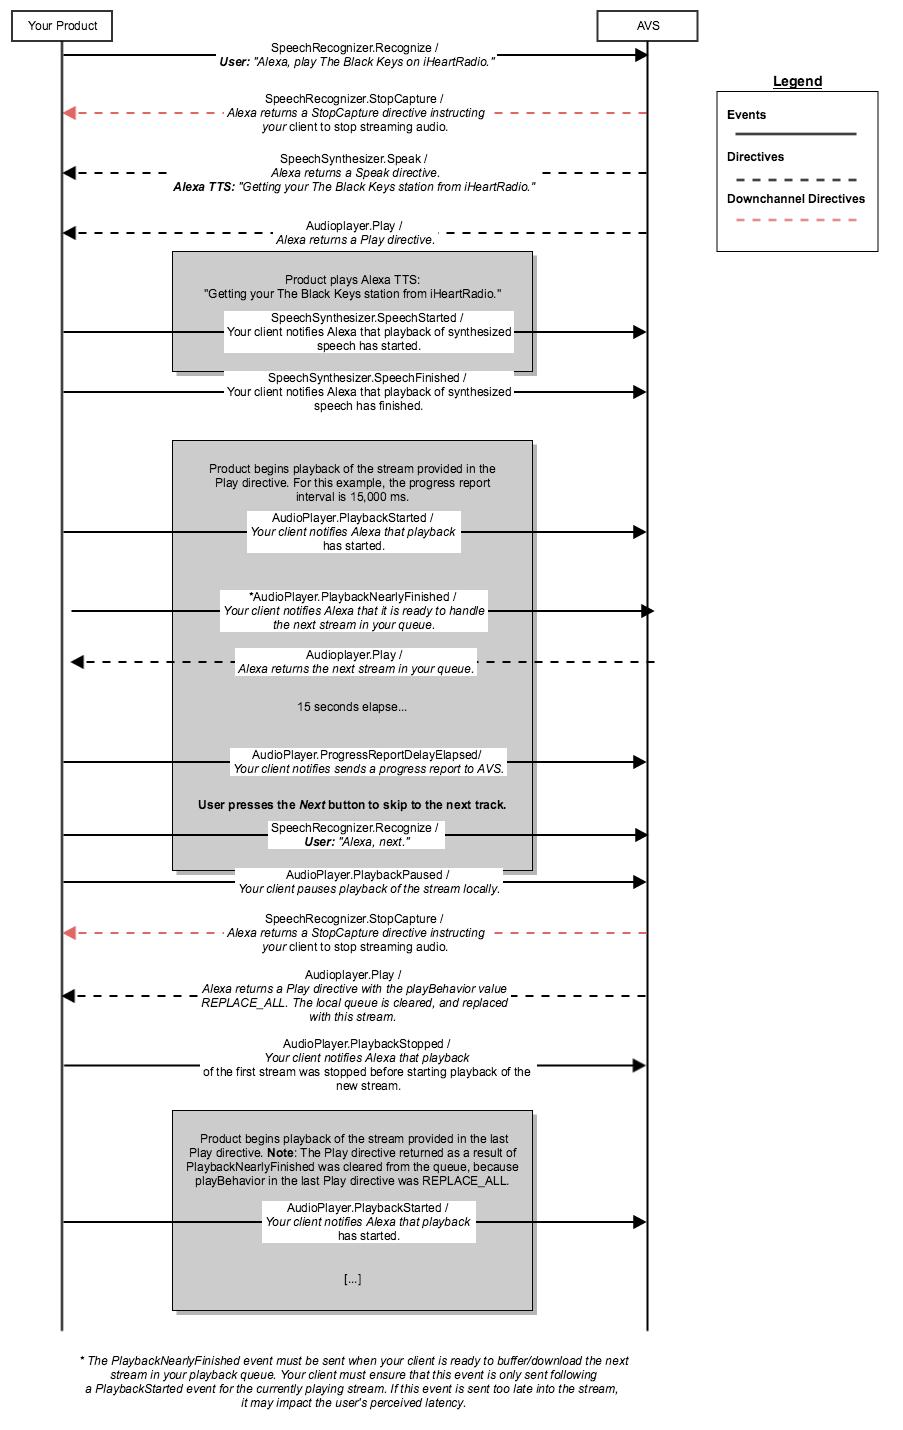 Diagram 3-B